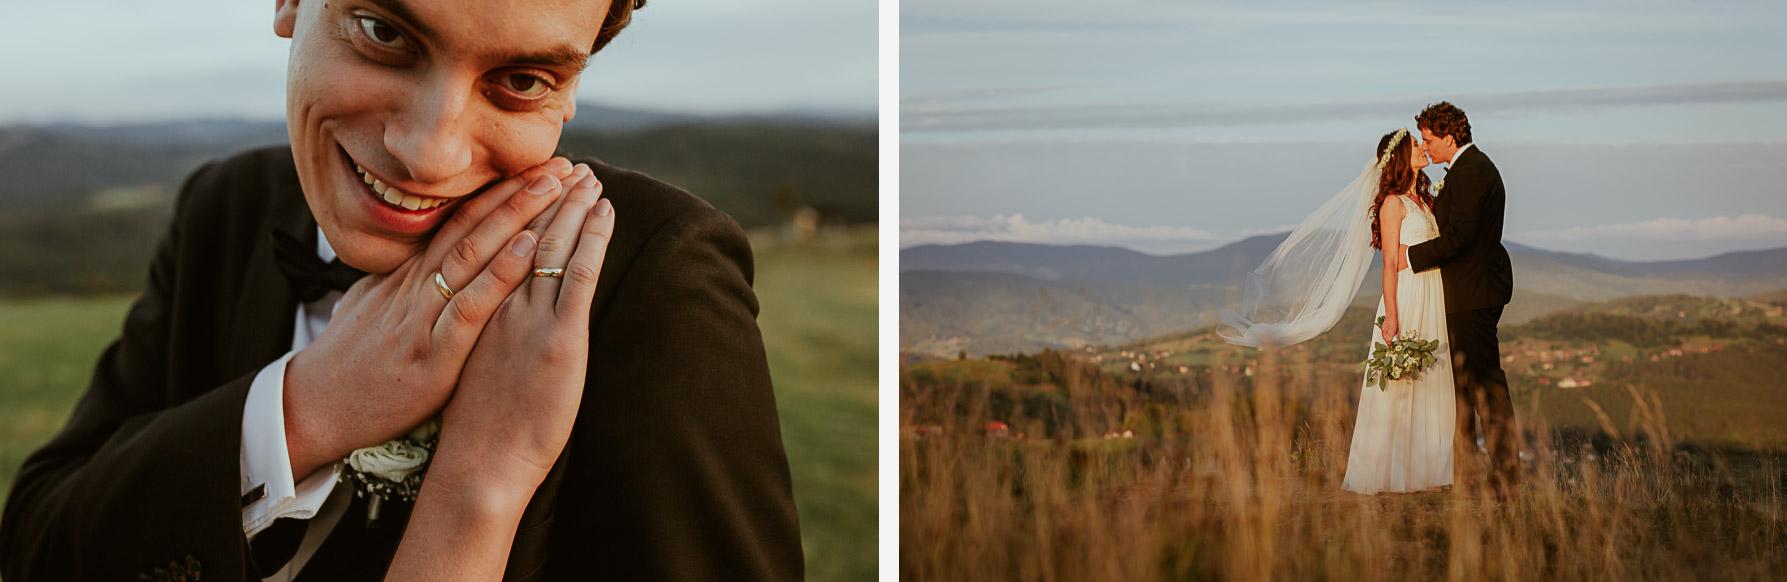 Sesja Ślubna w górach jesienią 182 a29